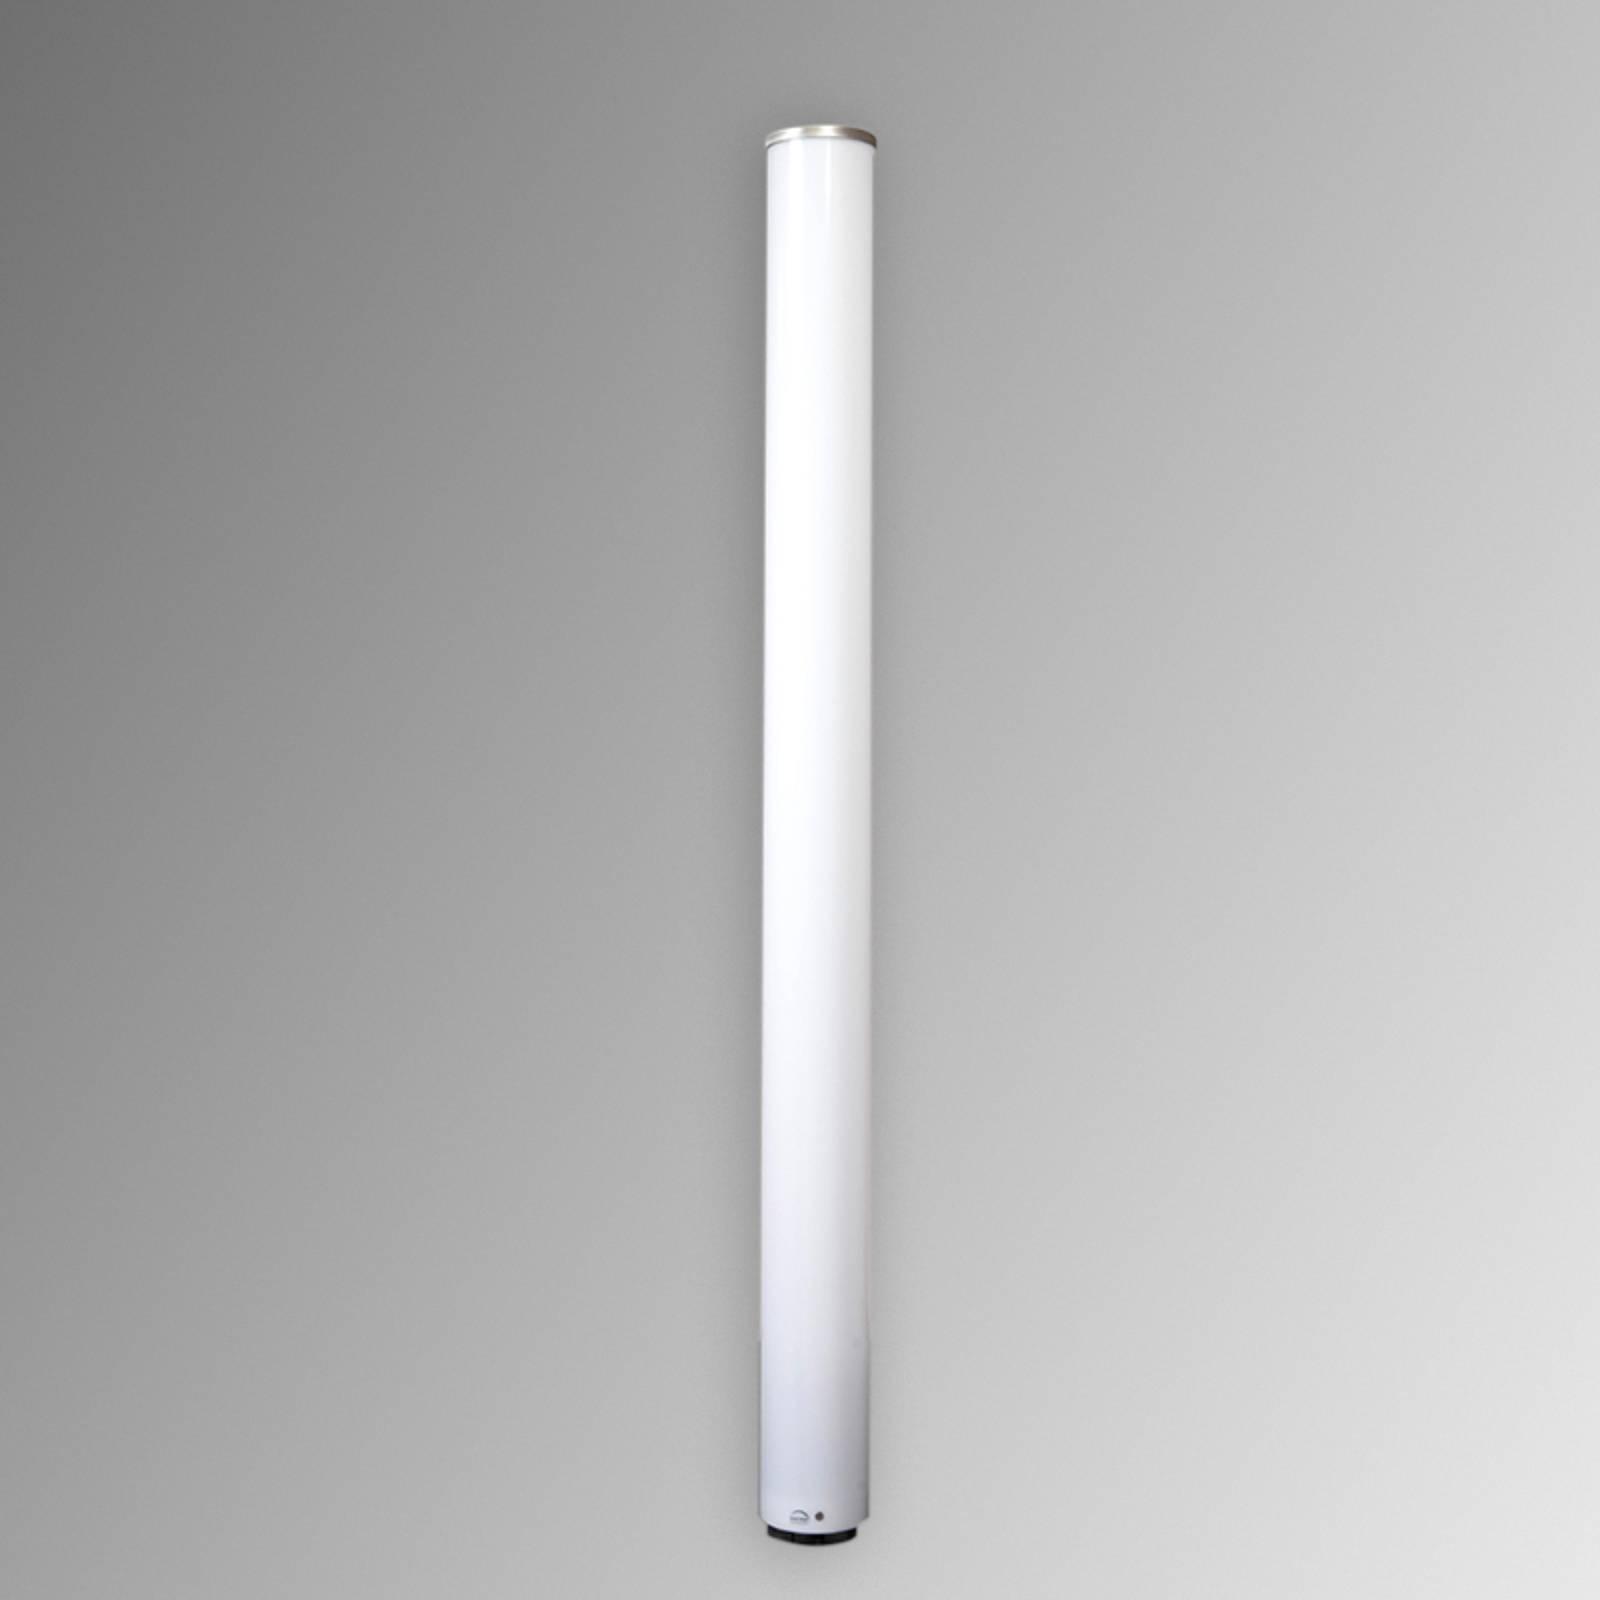 Erinomainen valopylväs Stick 125 cm